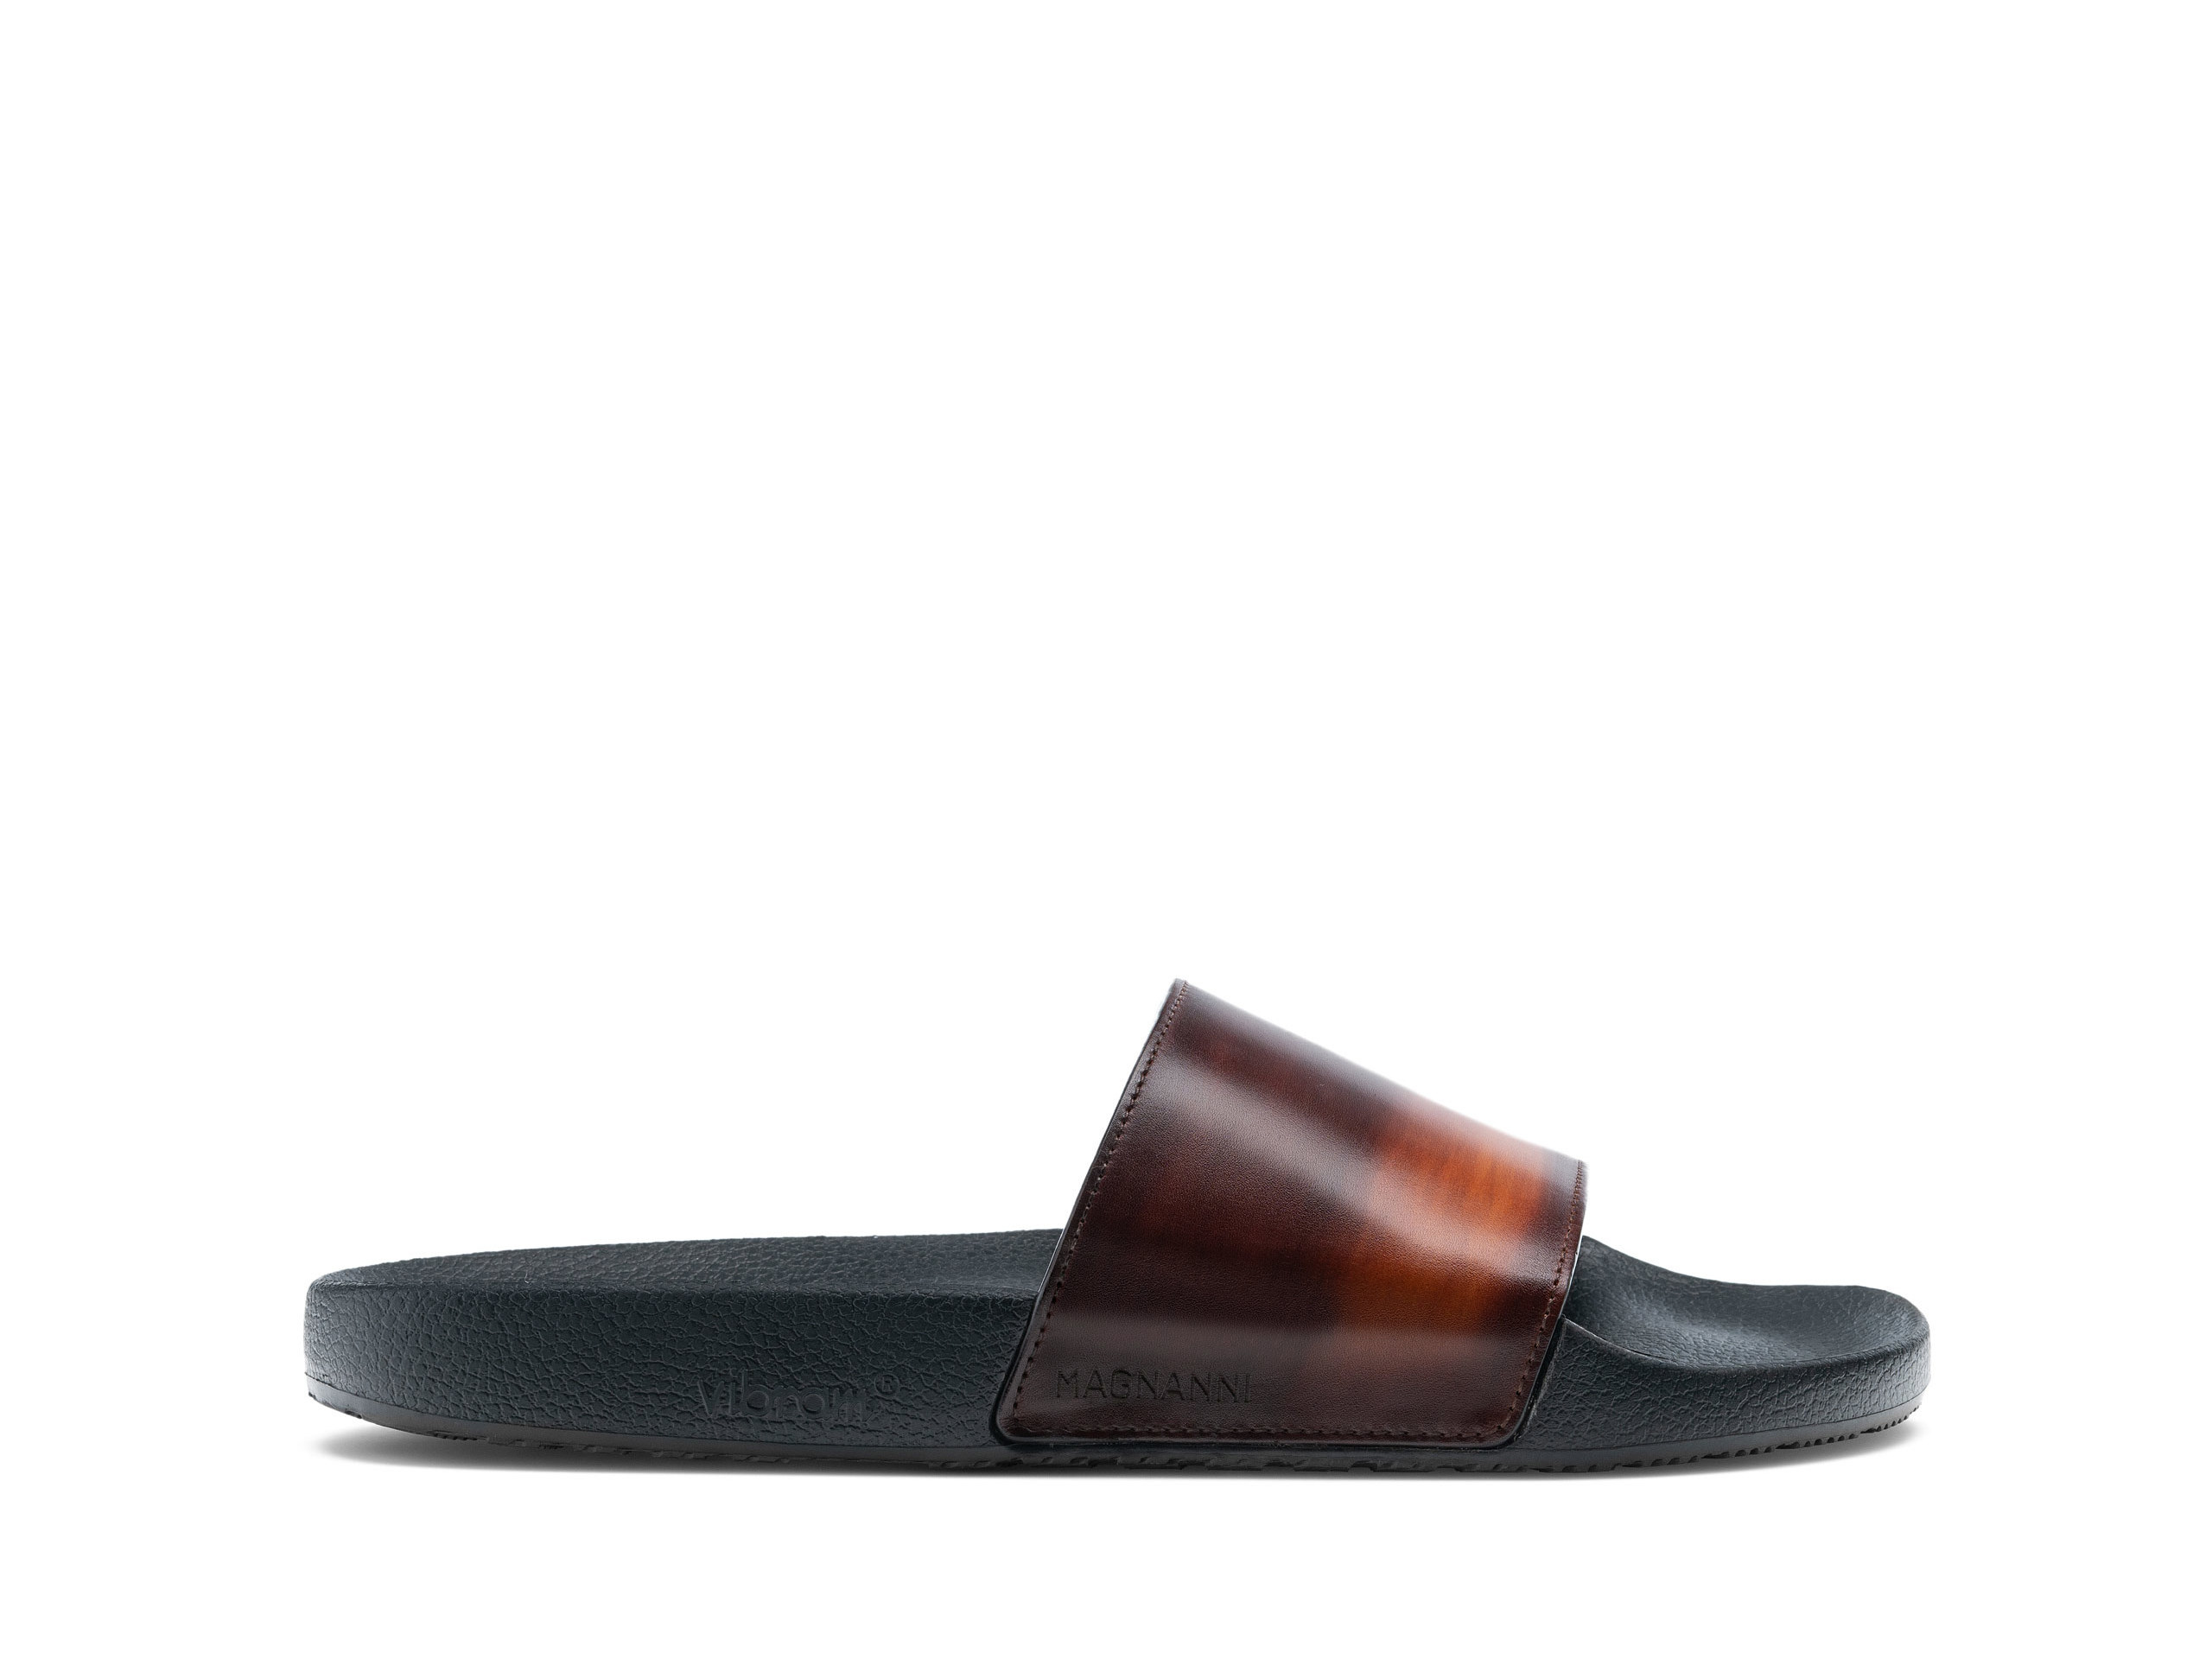 Magnanni Playa Cuero and Midbrown Shoes